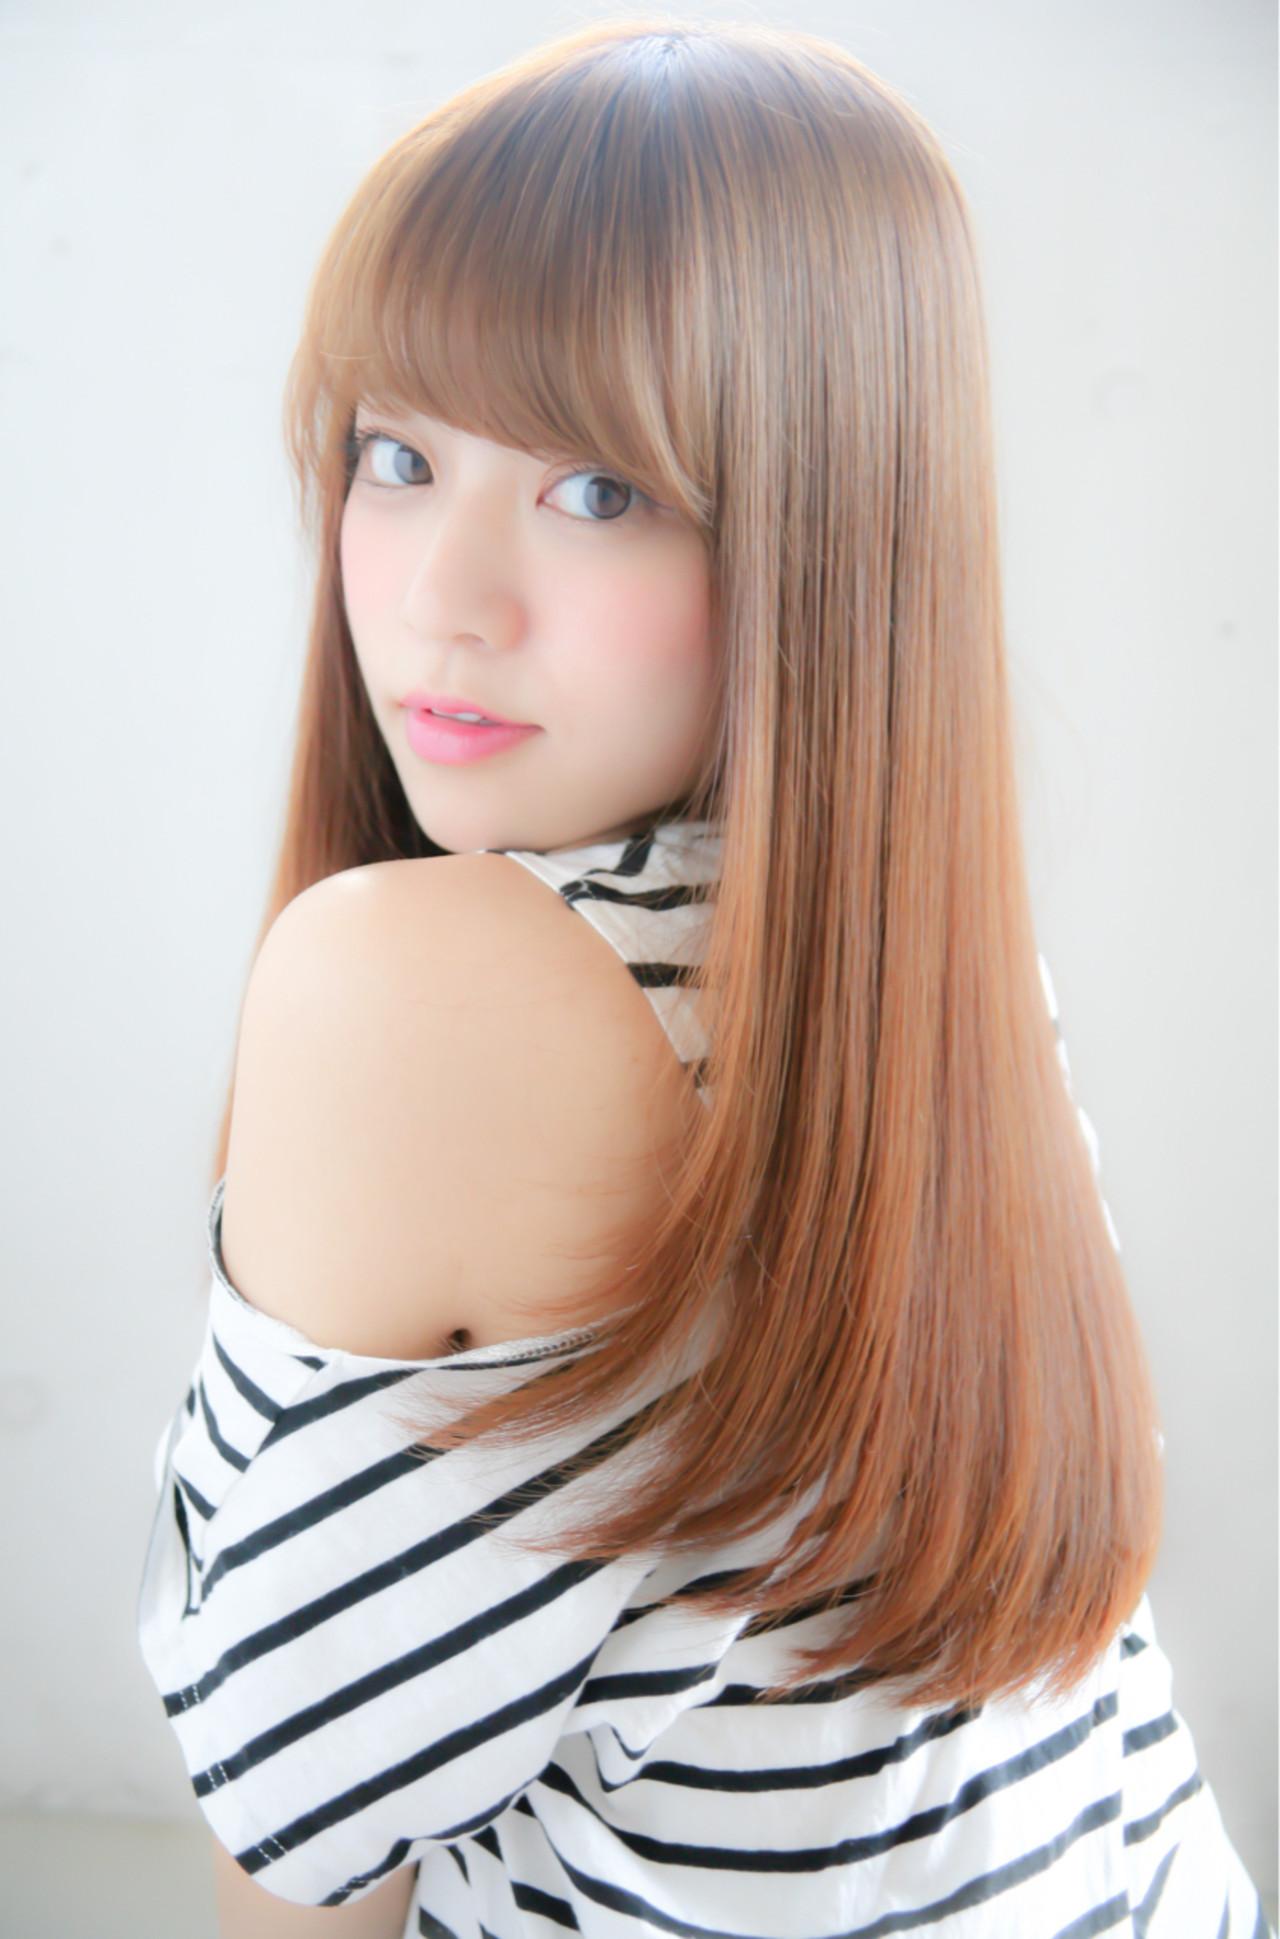 縮毛矯正 セミロング ナチュラル 艶髪 ヘアスタイルや髪型の写真・画像